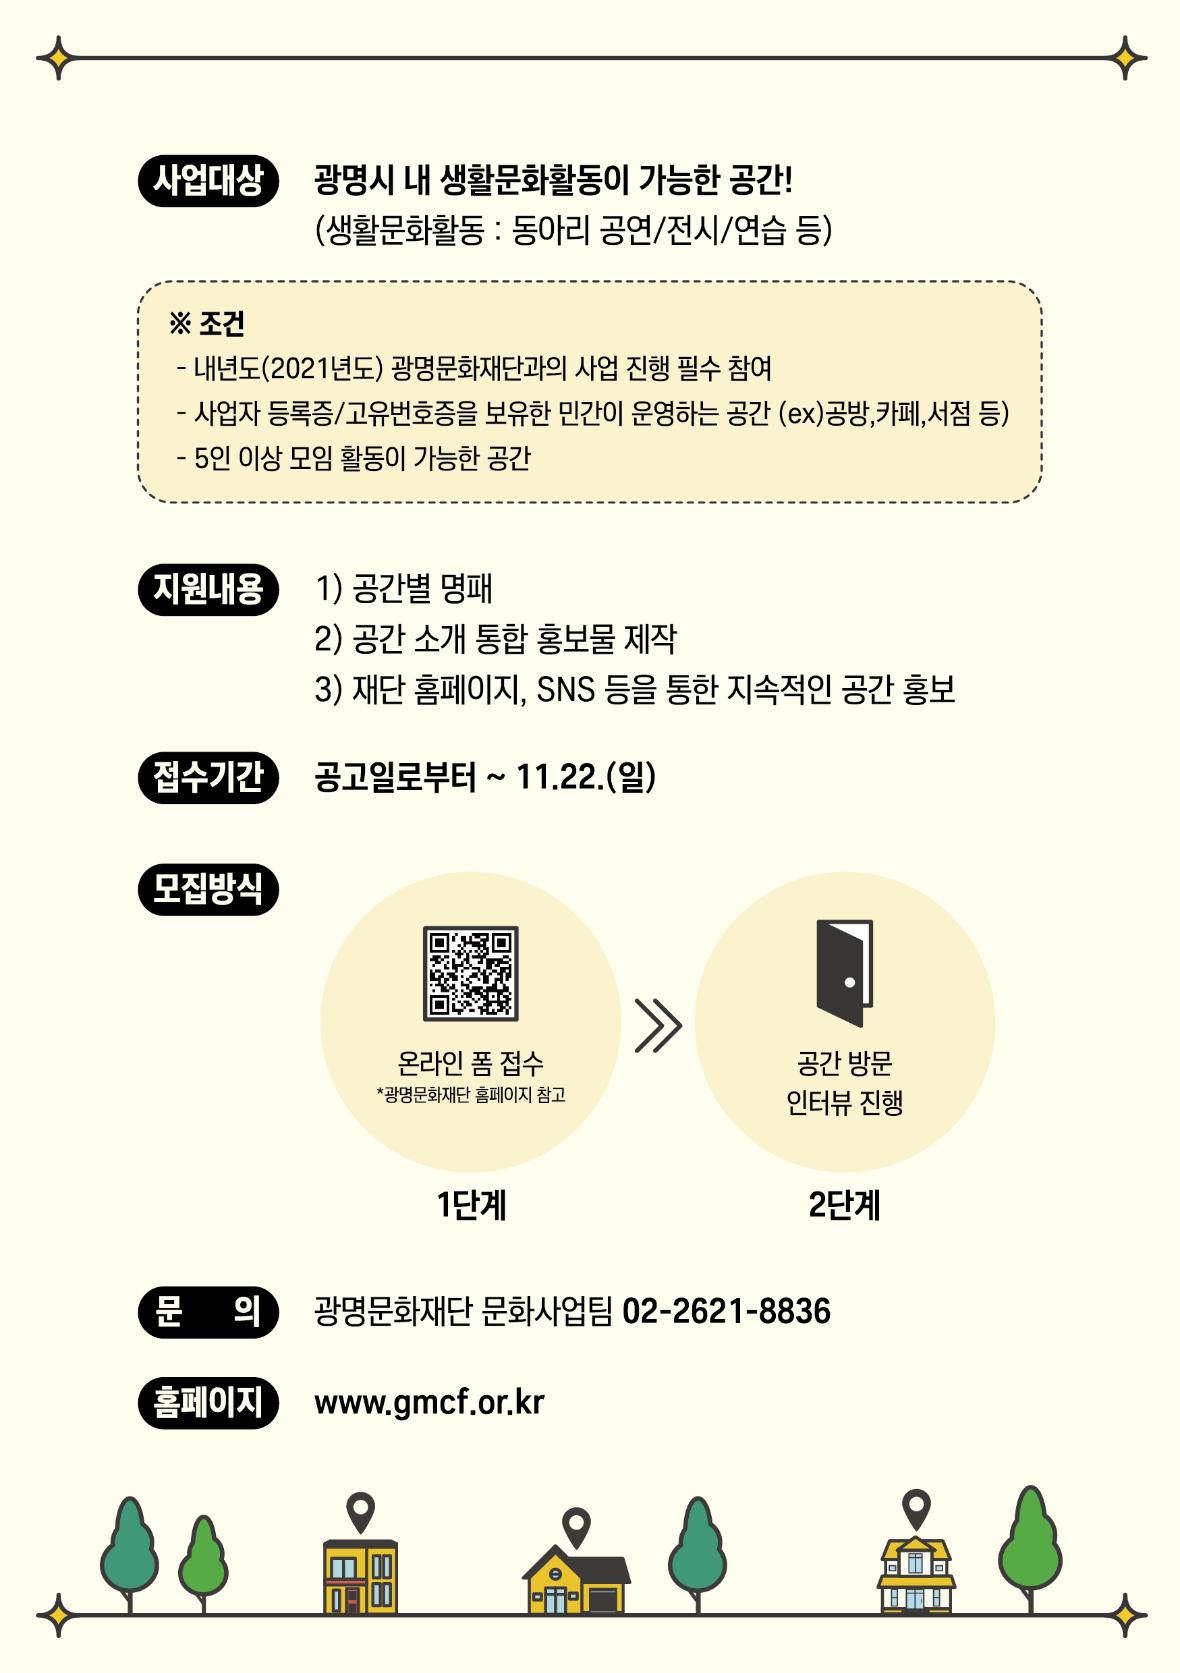 [광명문화재단]공간발굴프로젝트 리플렛_뒷면.png